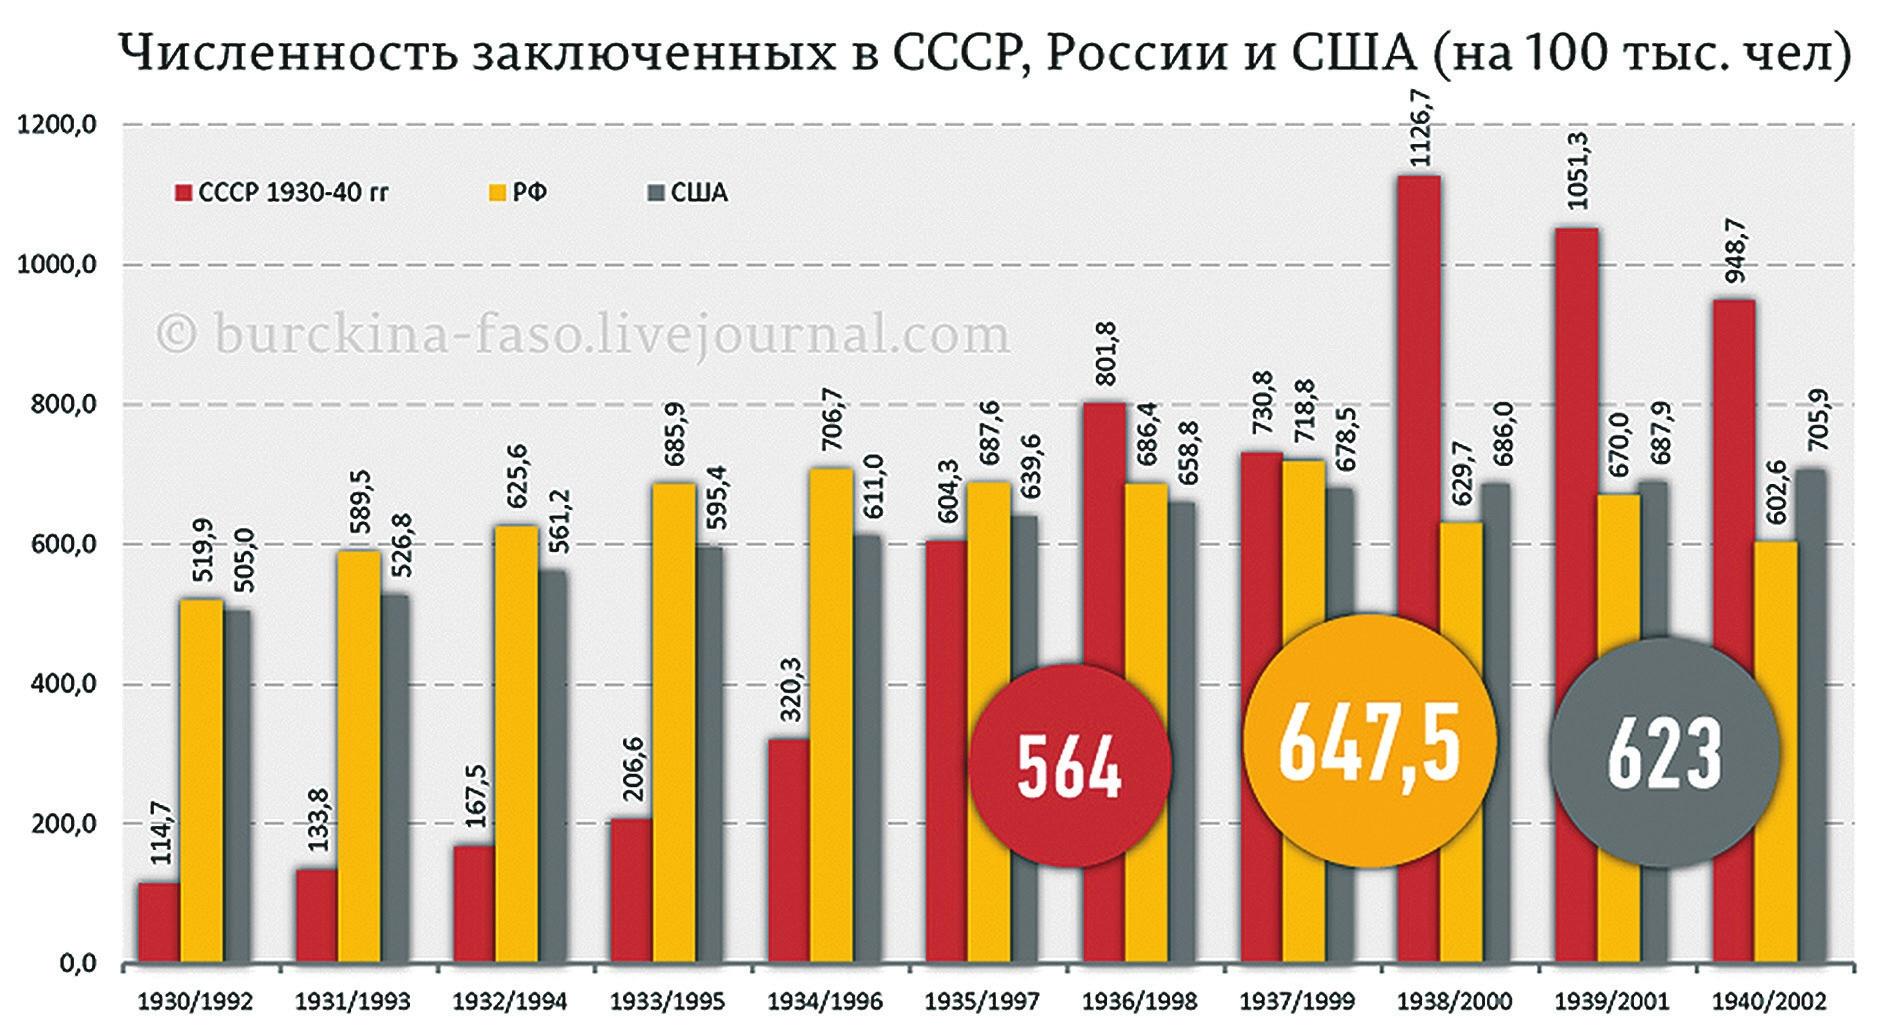 Рис. 1. Сравнение численности заключенных в СССР в 1930-е годы и в России и США в 1990-е [3]